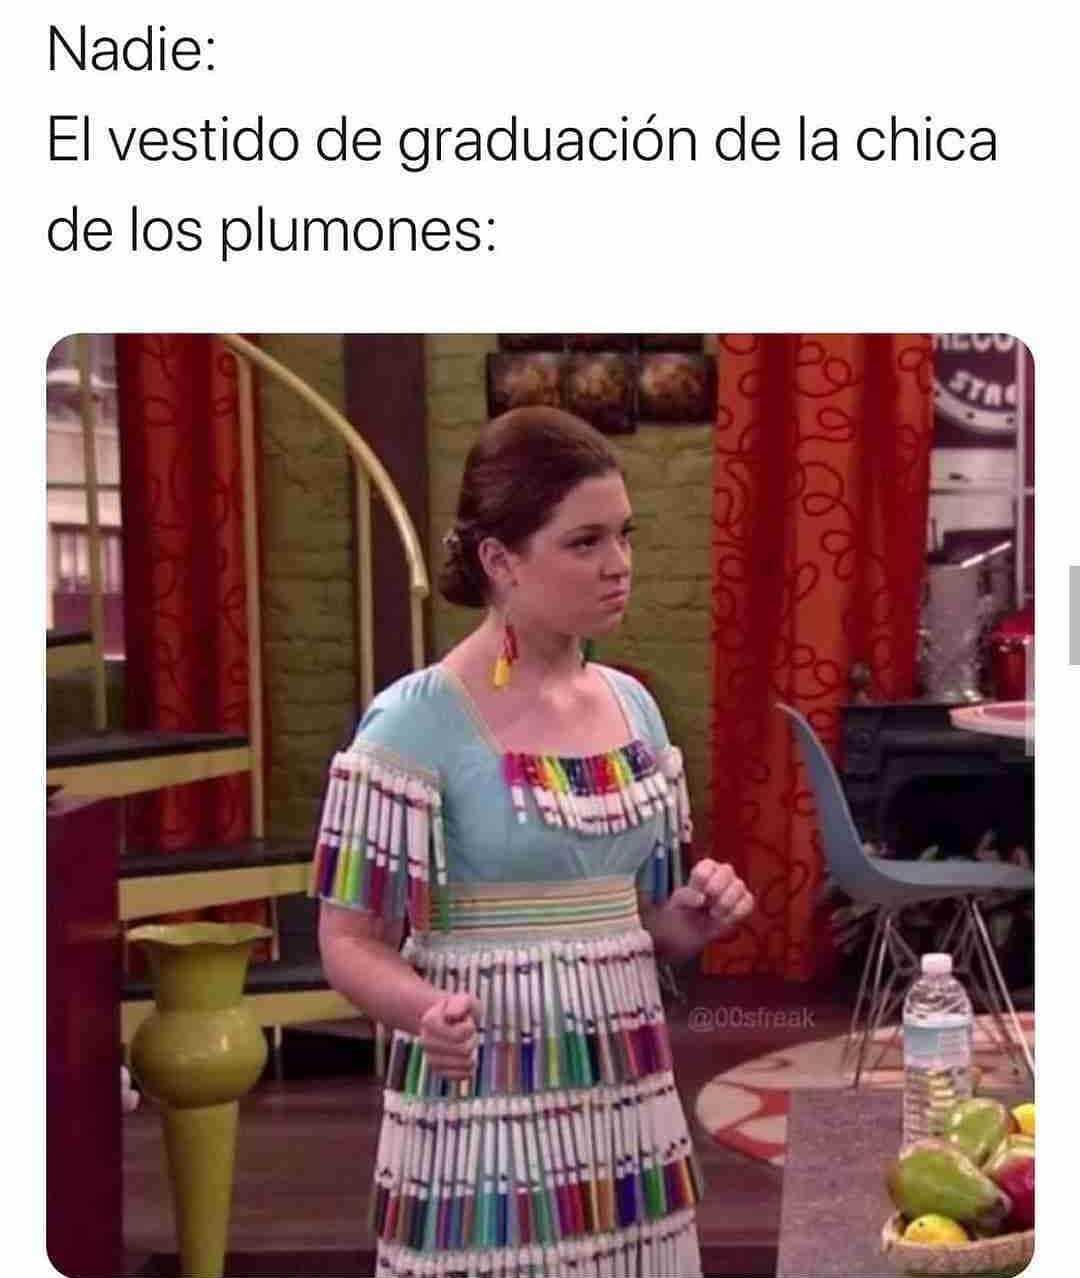 Nadie:  El vestido de graduación de la chica de los plumones: